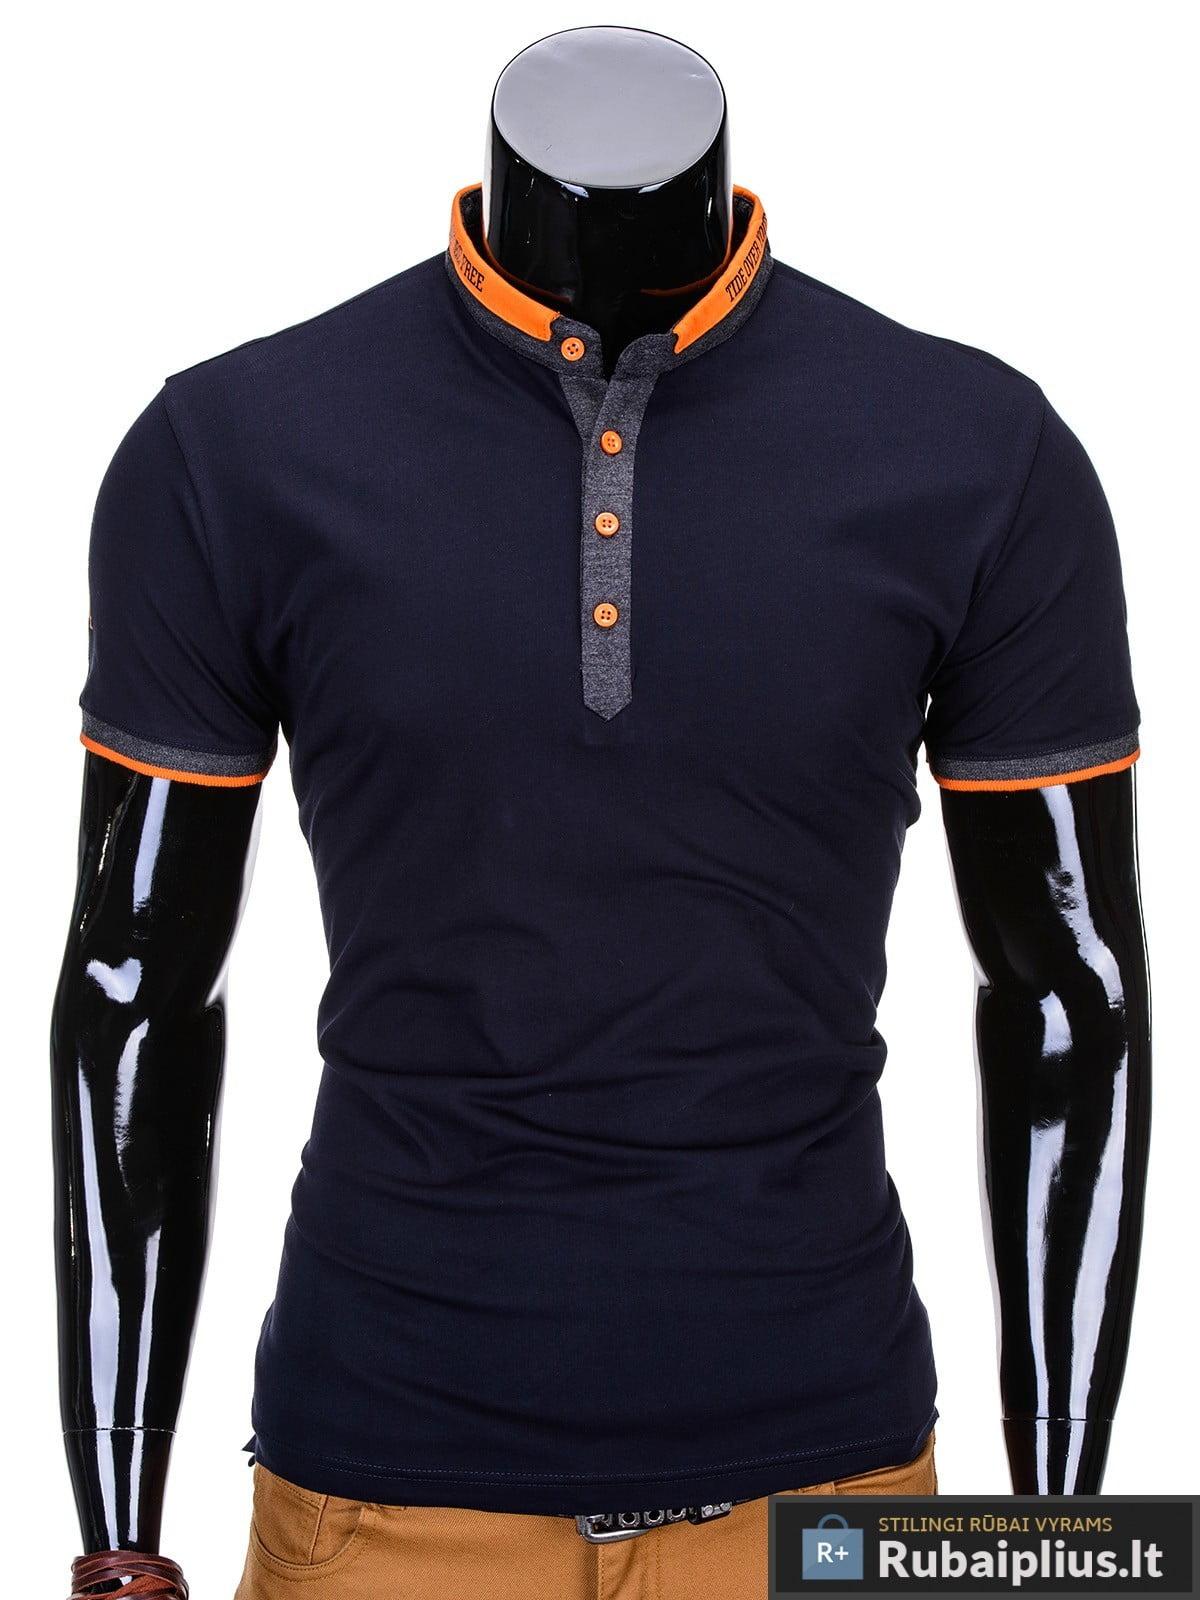 melyni marskineliai, madingi vyriški marškinėliai tamsiai pilkos spalvos, denim kolekcijos vyriški marškinėliai, trumpomis rankovėmis marškinėliai vyrams, klasikiniai vyriški marškinėliai, stilingi marškinėliai vyrams internetu, originalūs vyriški marškinėliai, marškinėliai vyrams spalvos, vyriški marškinėliai su užrašu ir aplikacija, stilingi marškinėliai uz gera kaina, protinga kaina, akcija, nuolaidos rūbams